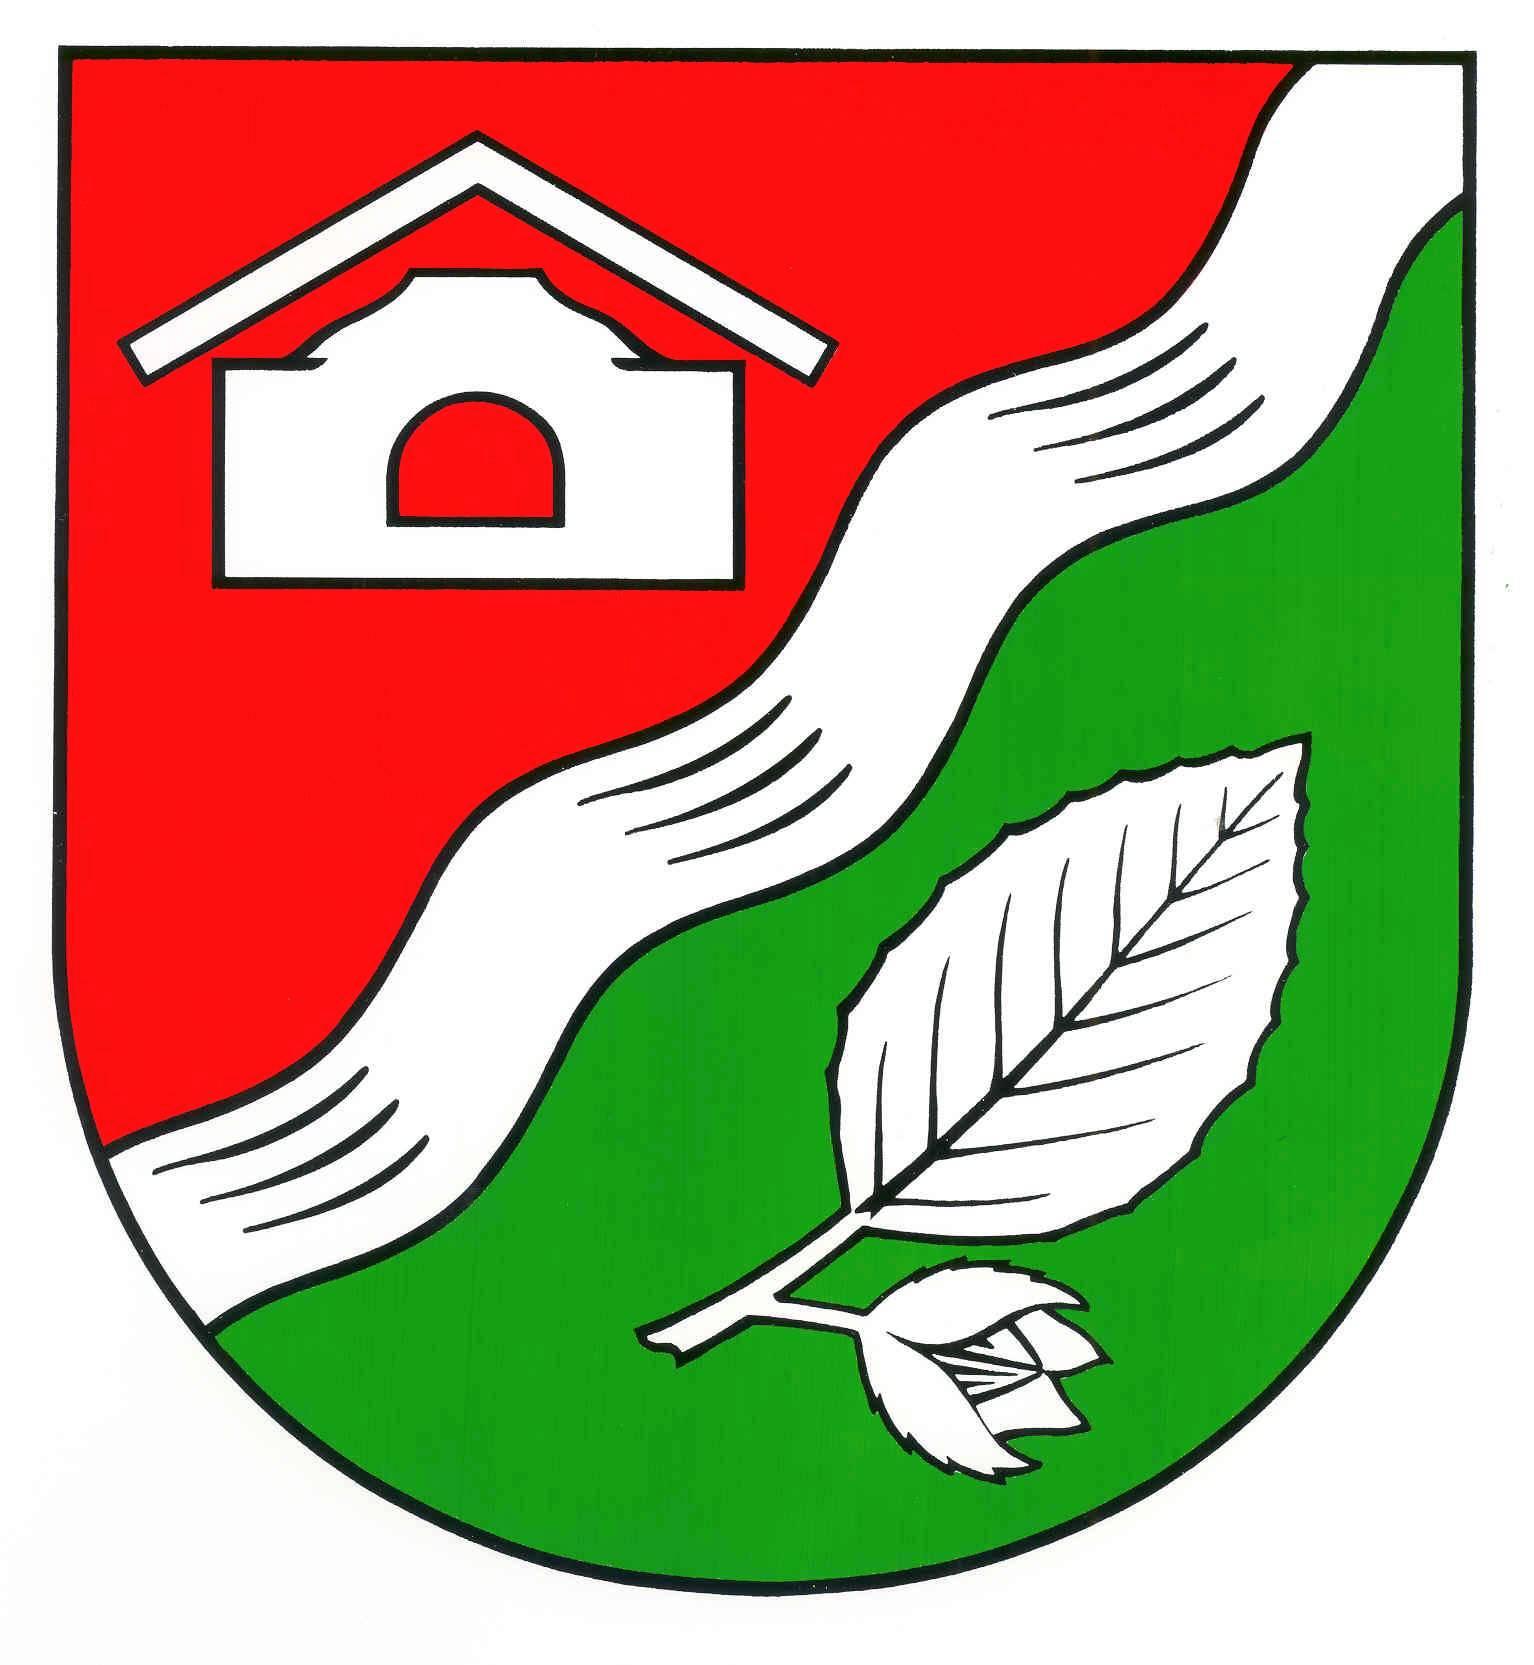 Wappen GemeindeStruvenhütten, Kreis Segeberg